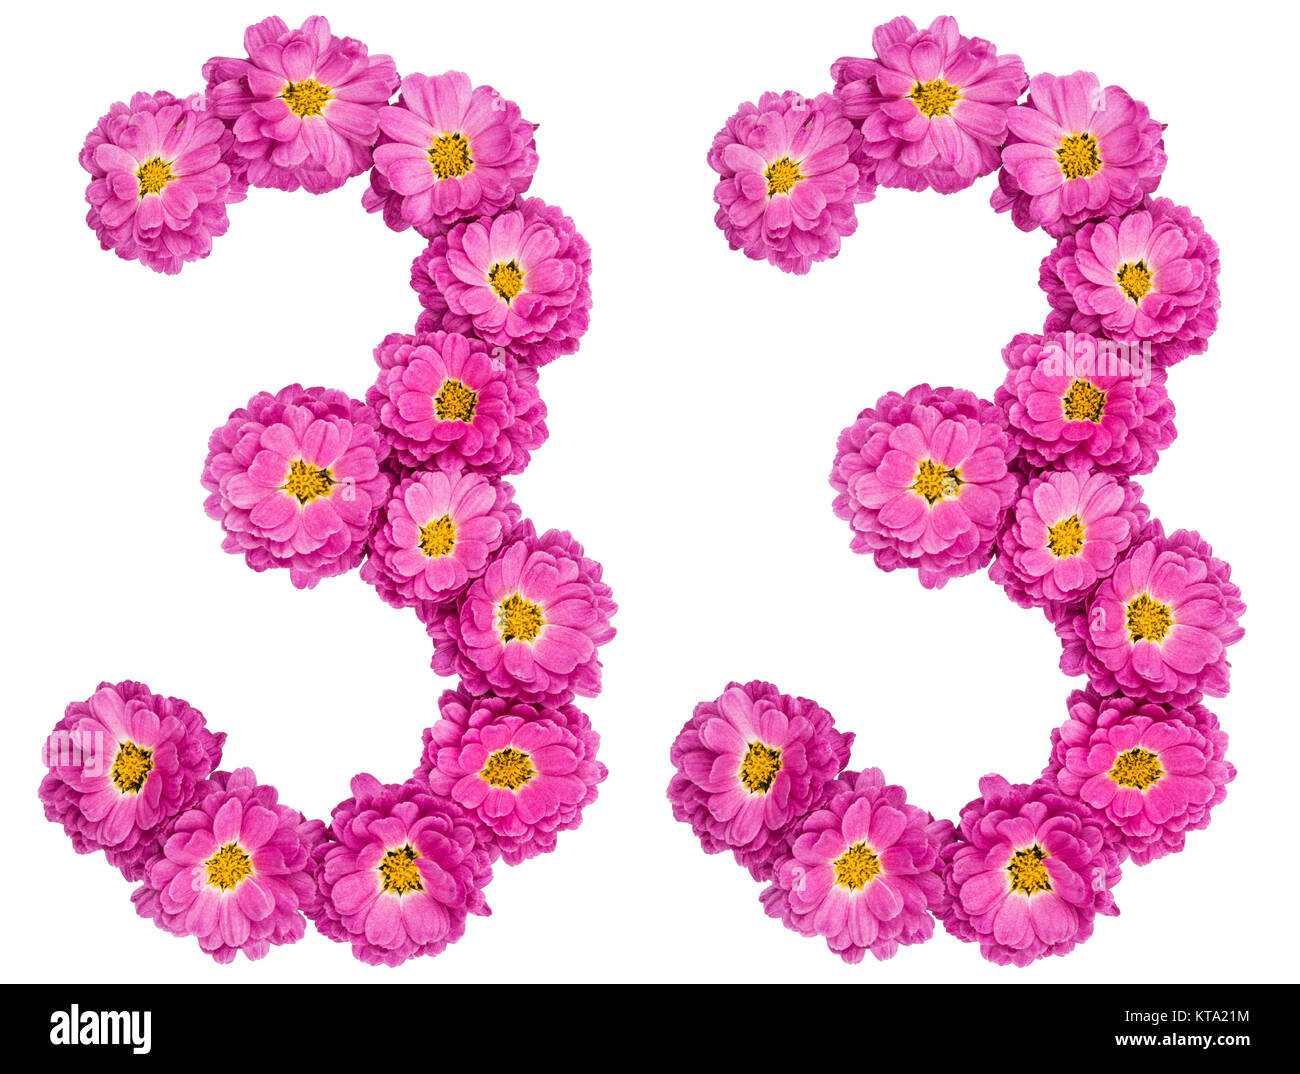 Número arábigo 33, treinta y tres, de las flores de crisantemo, aislado sobre fondo blanco. Imagen De Stock